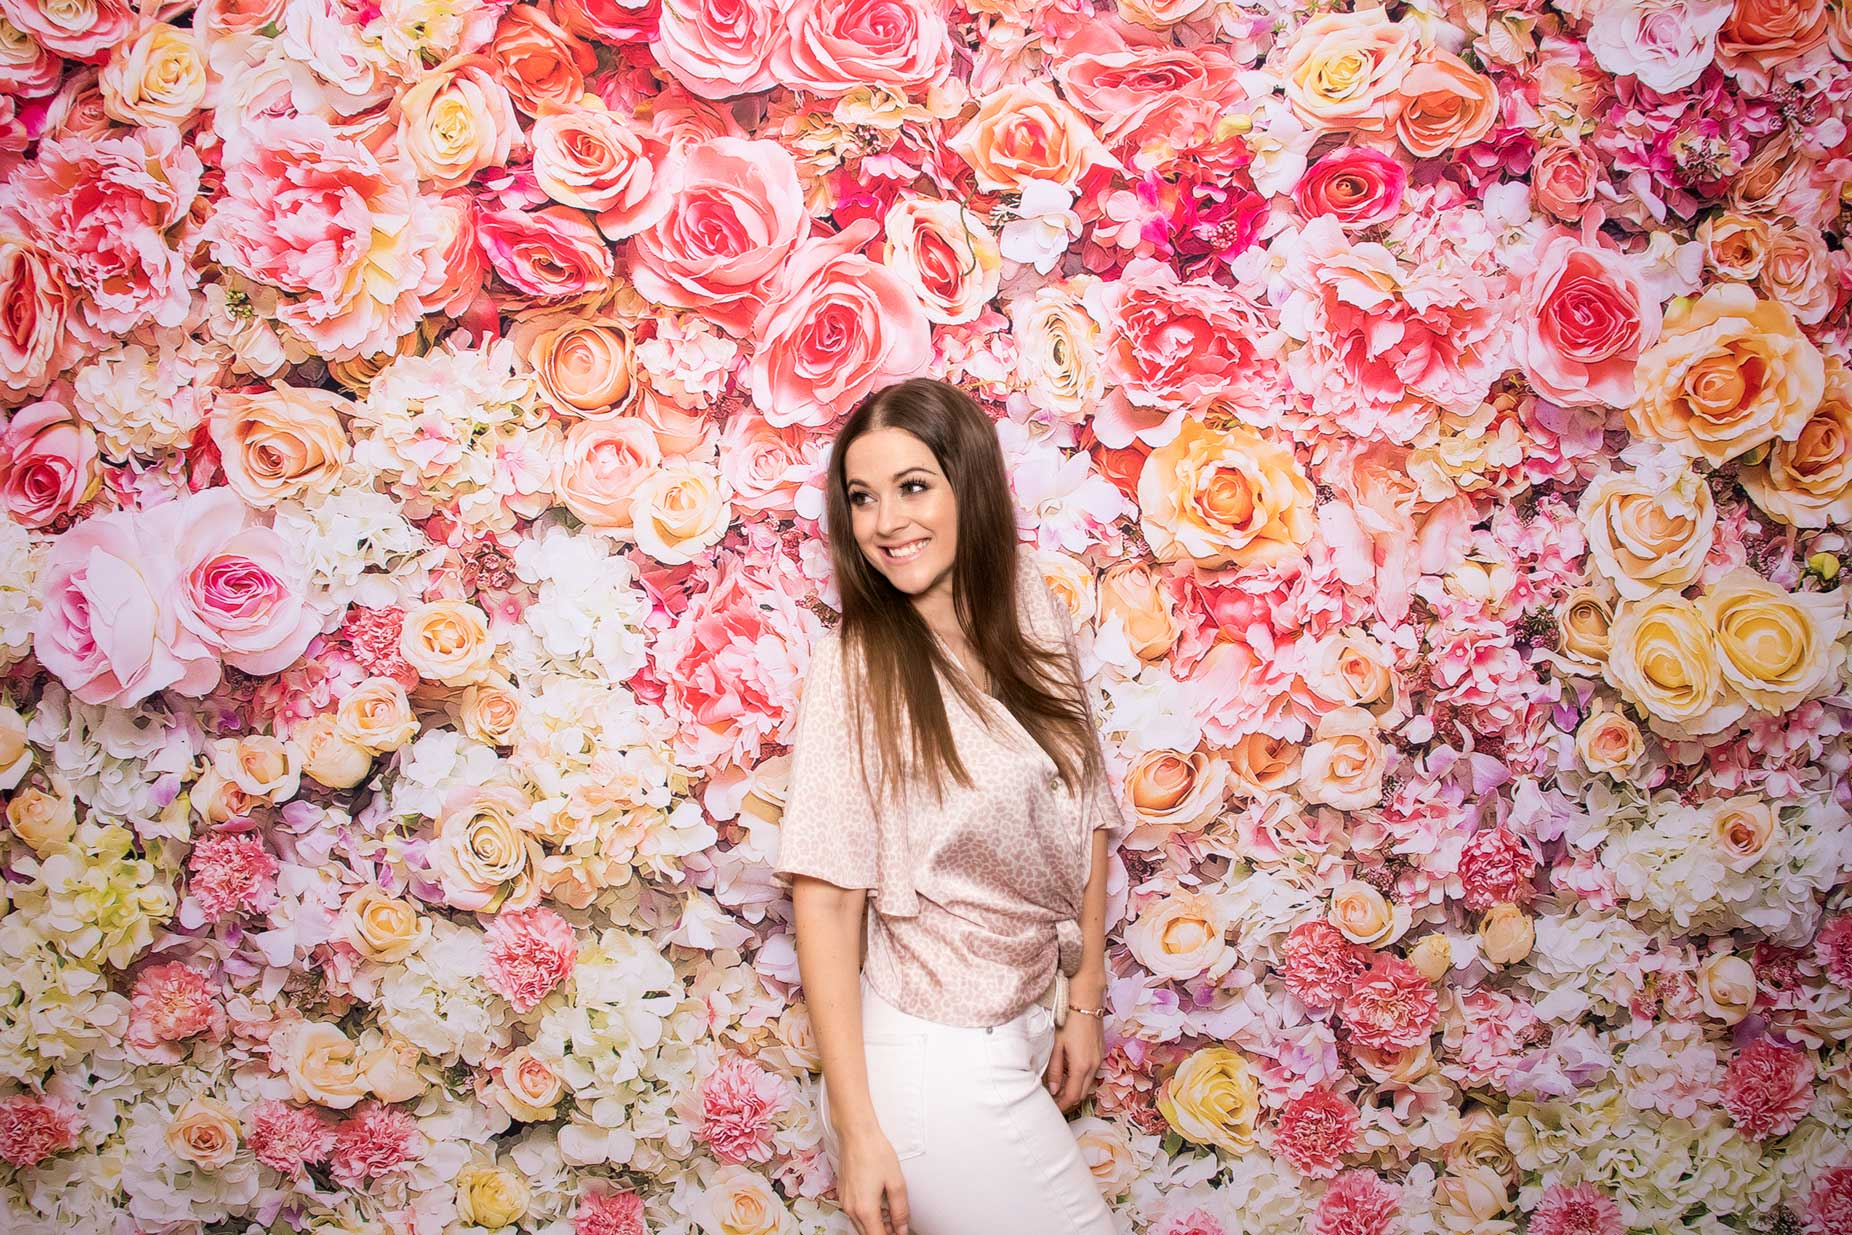 Svadobná fotostena - flower wall - fotokútik na svadbu.